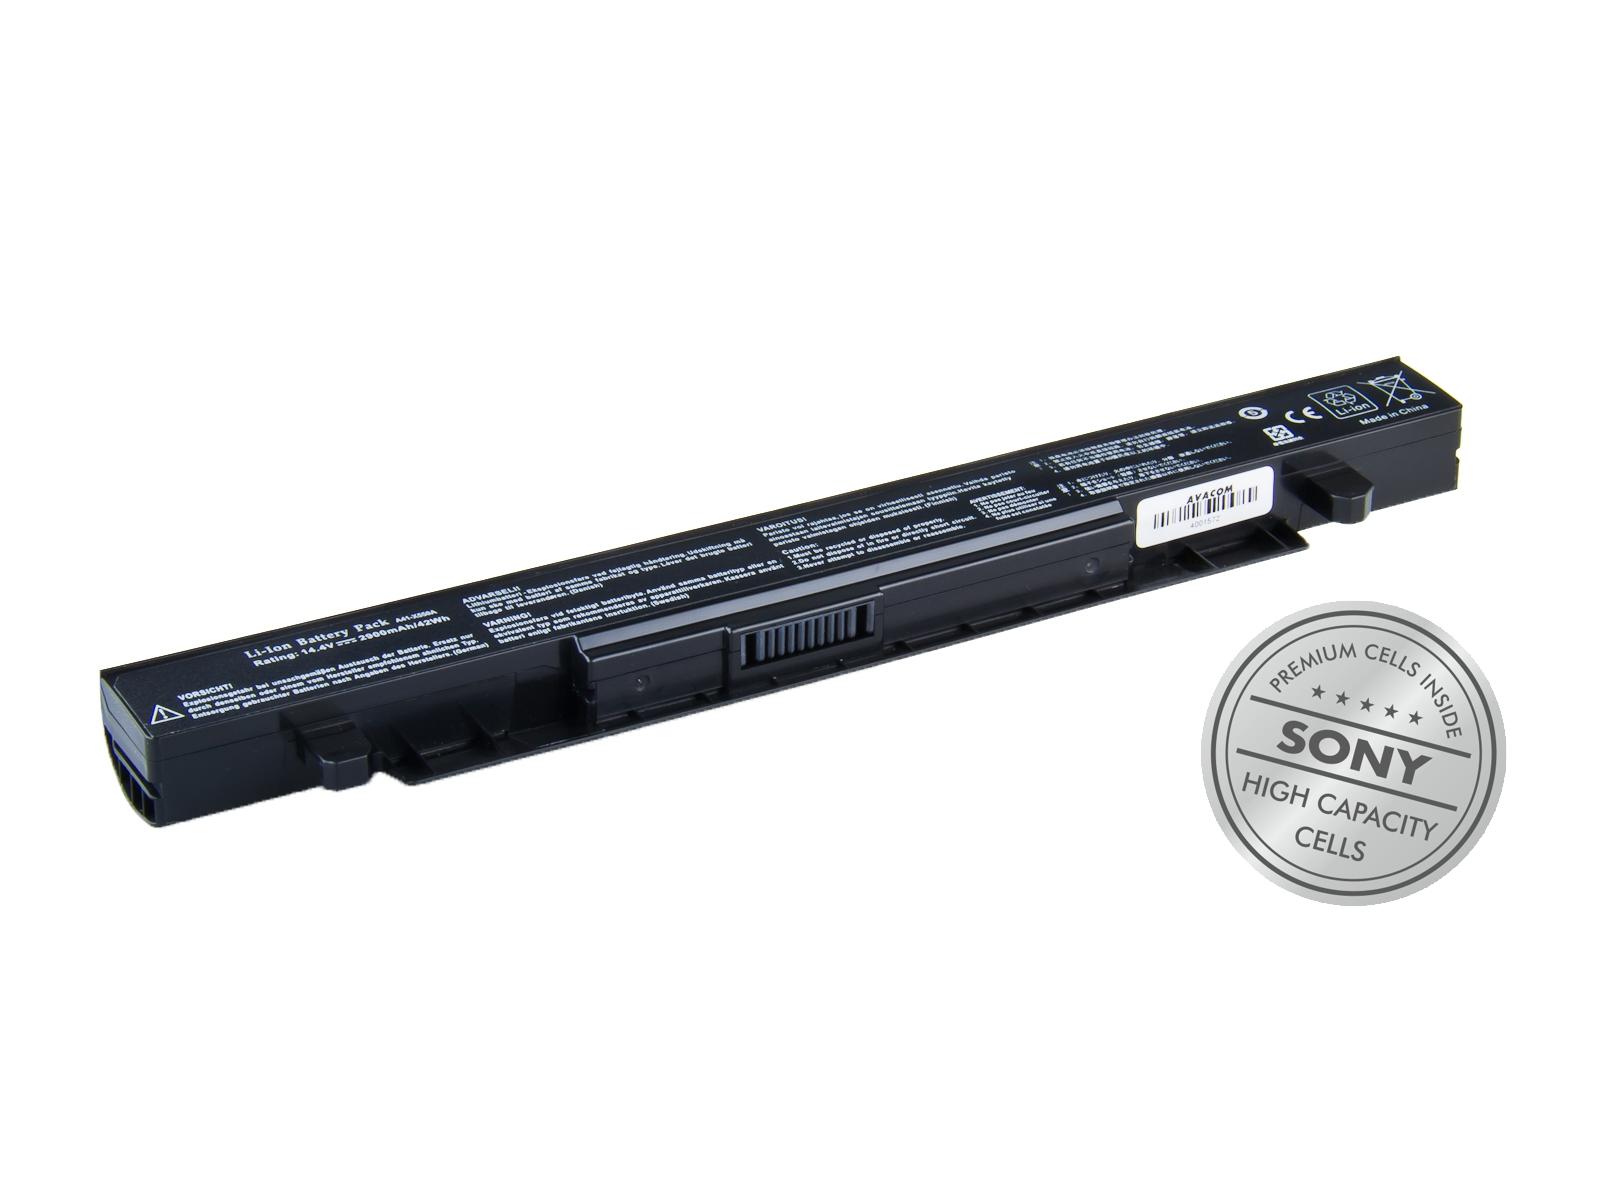 Baterie AVACOM NOAS-X550-S29 pro Asus X550, K550, Li-Ion 14,4V 2900mAh/42Wh